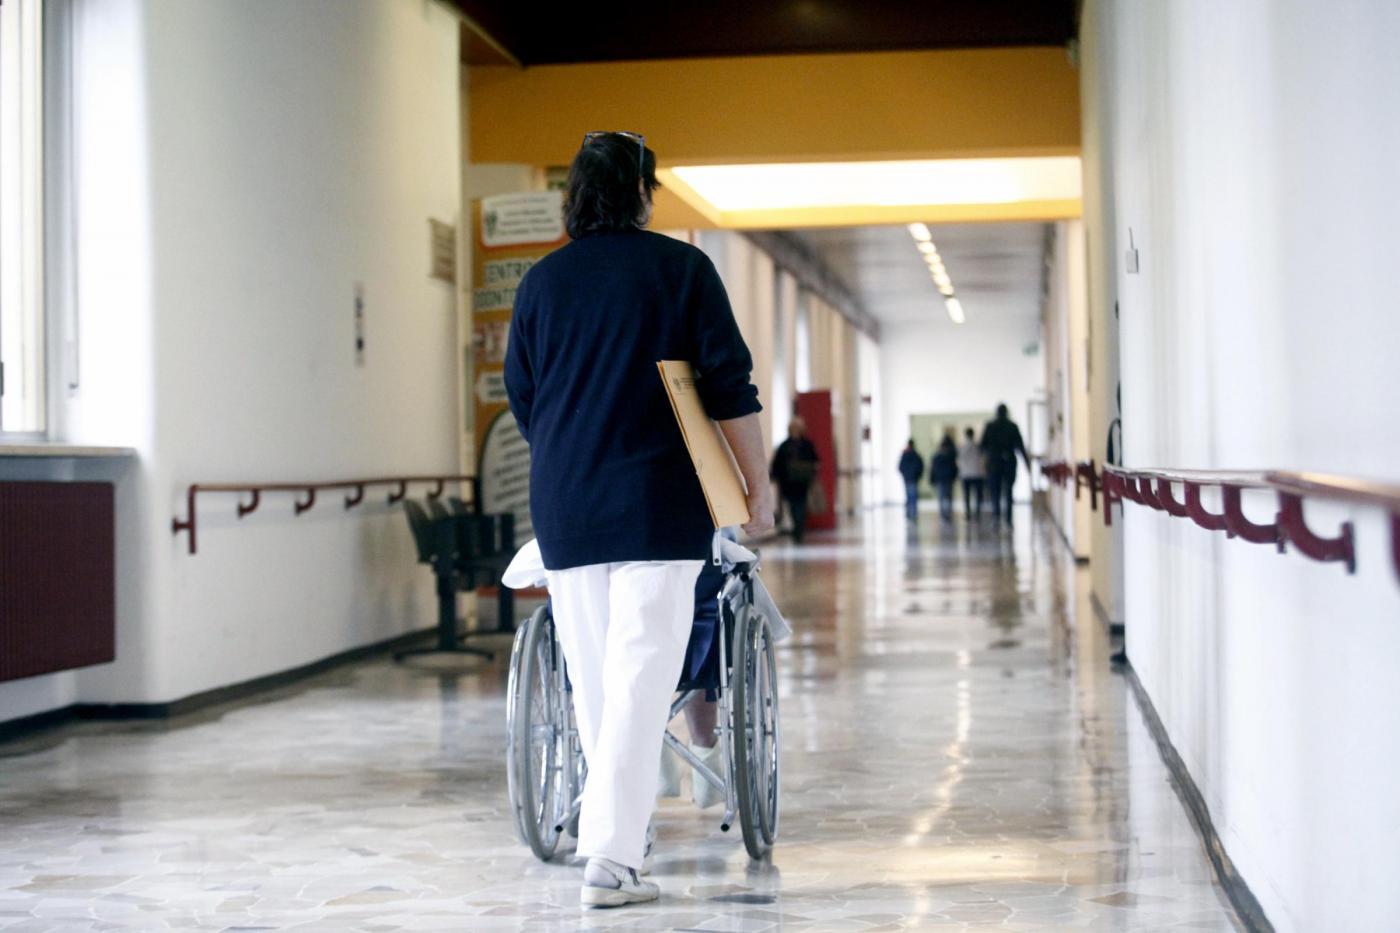 Figli-badanti e caregivers: lo Stato è pronto a riconoscerli, ma senza sganciare un euro